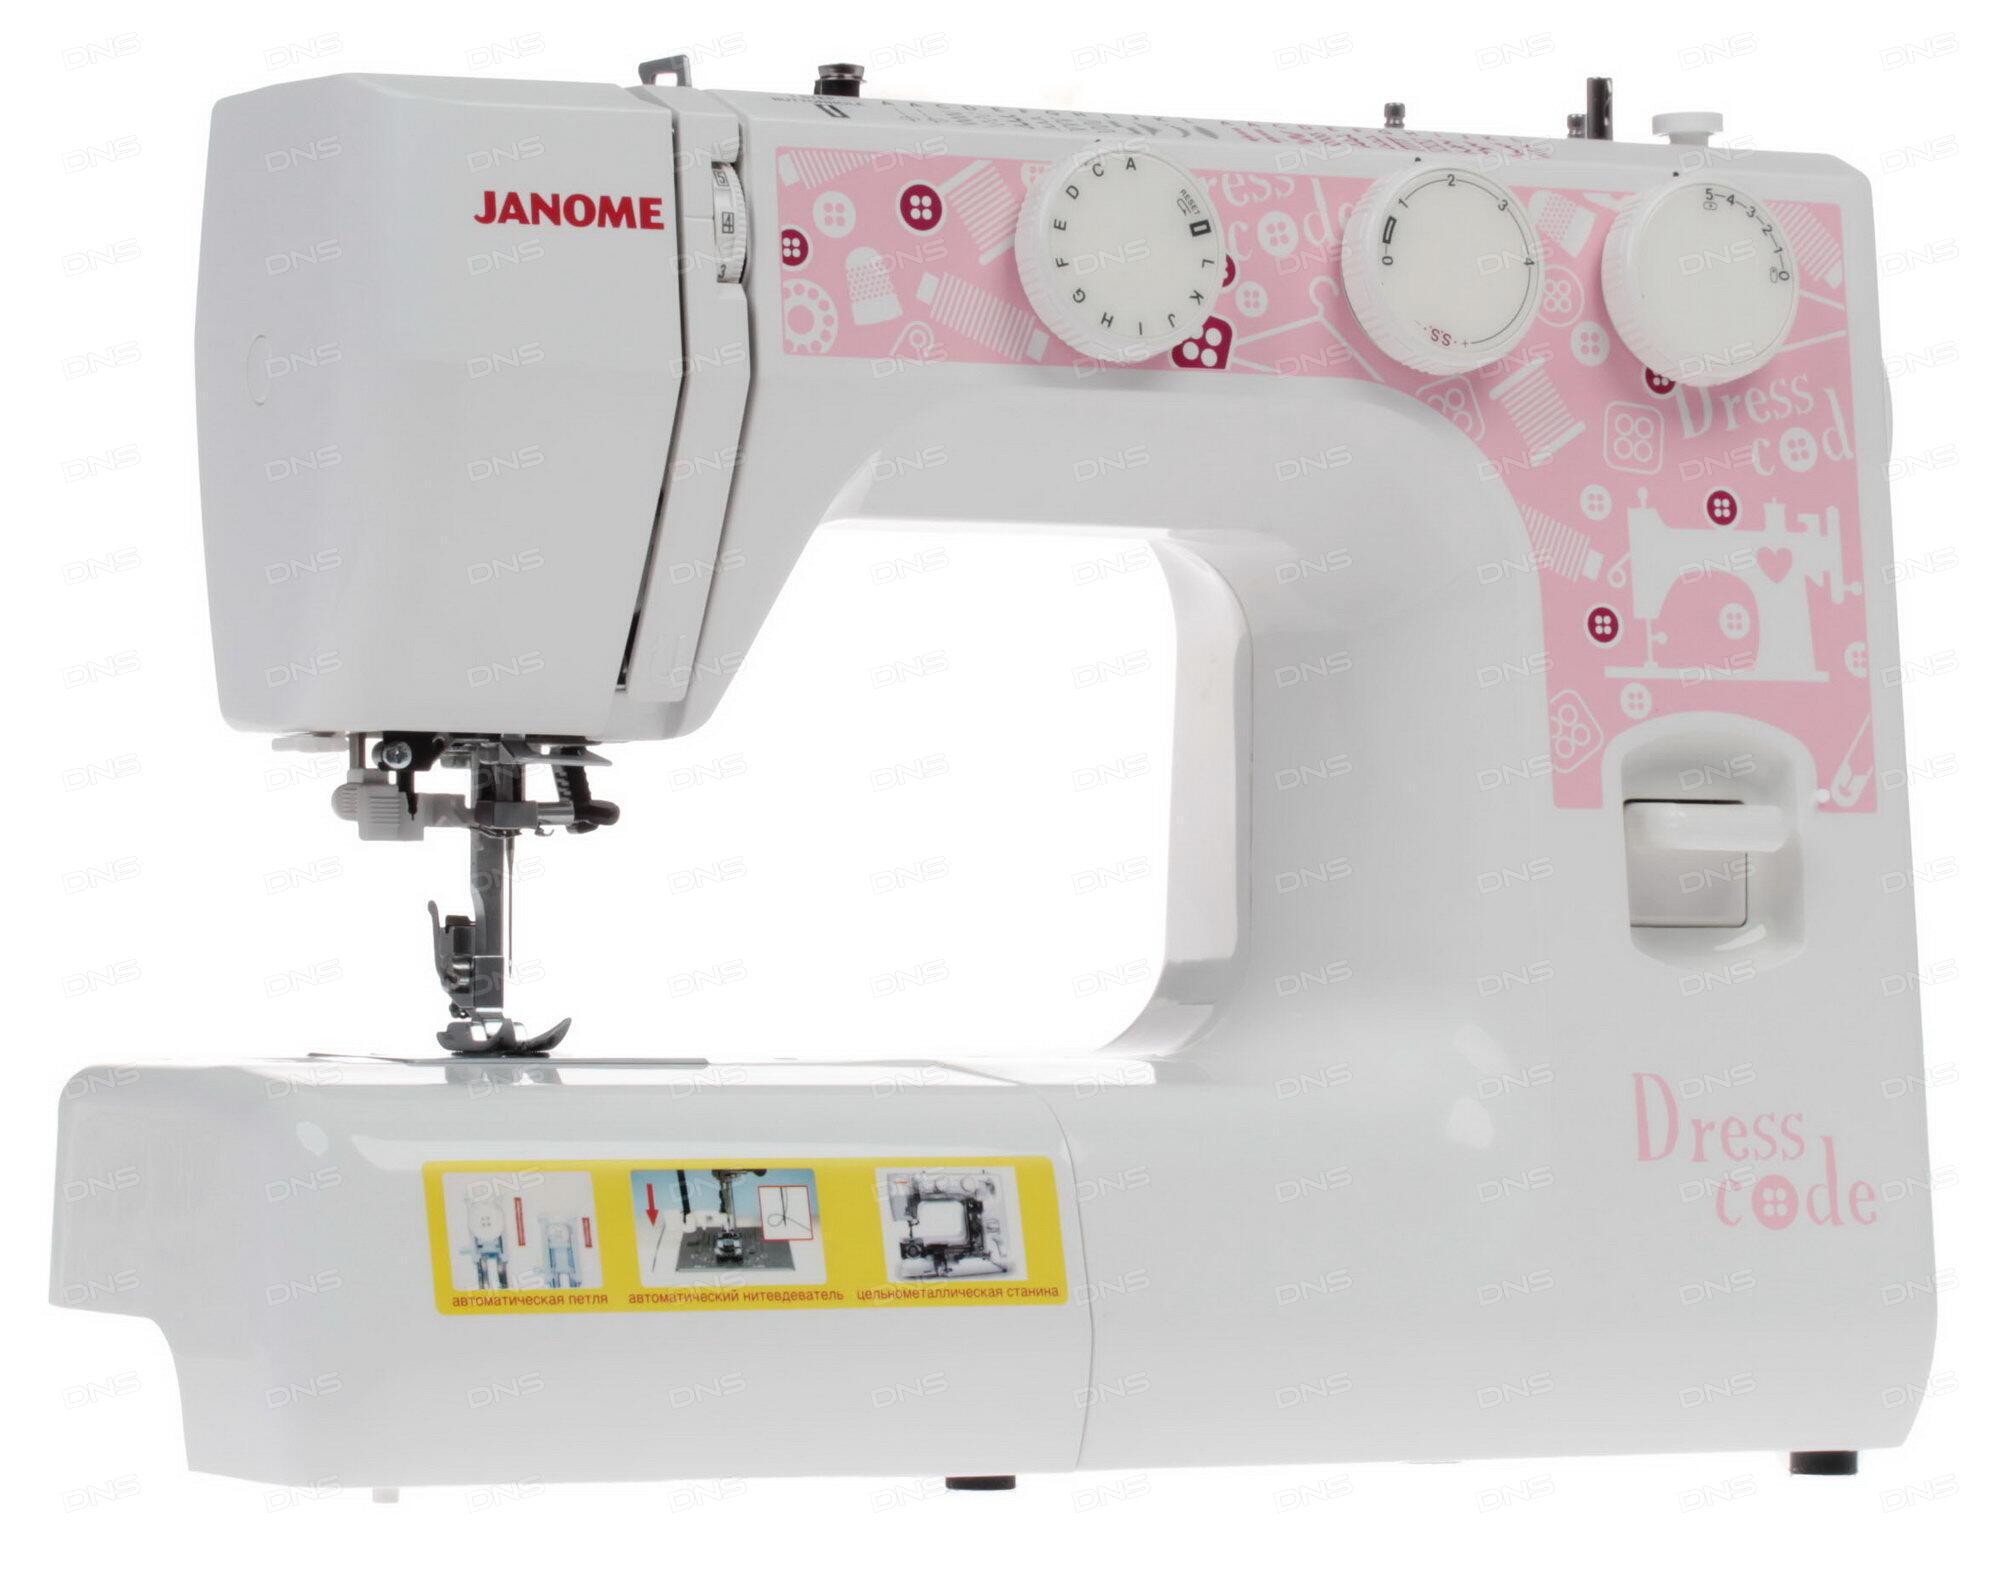 почитать уссурийск швейную машинку купить нужную даты, чтобы